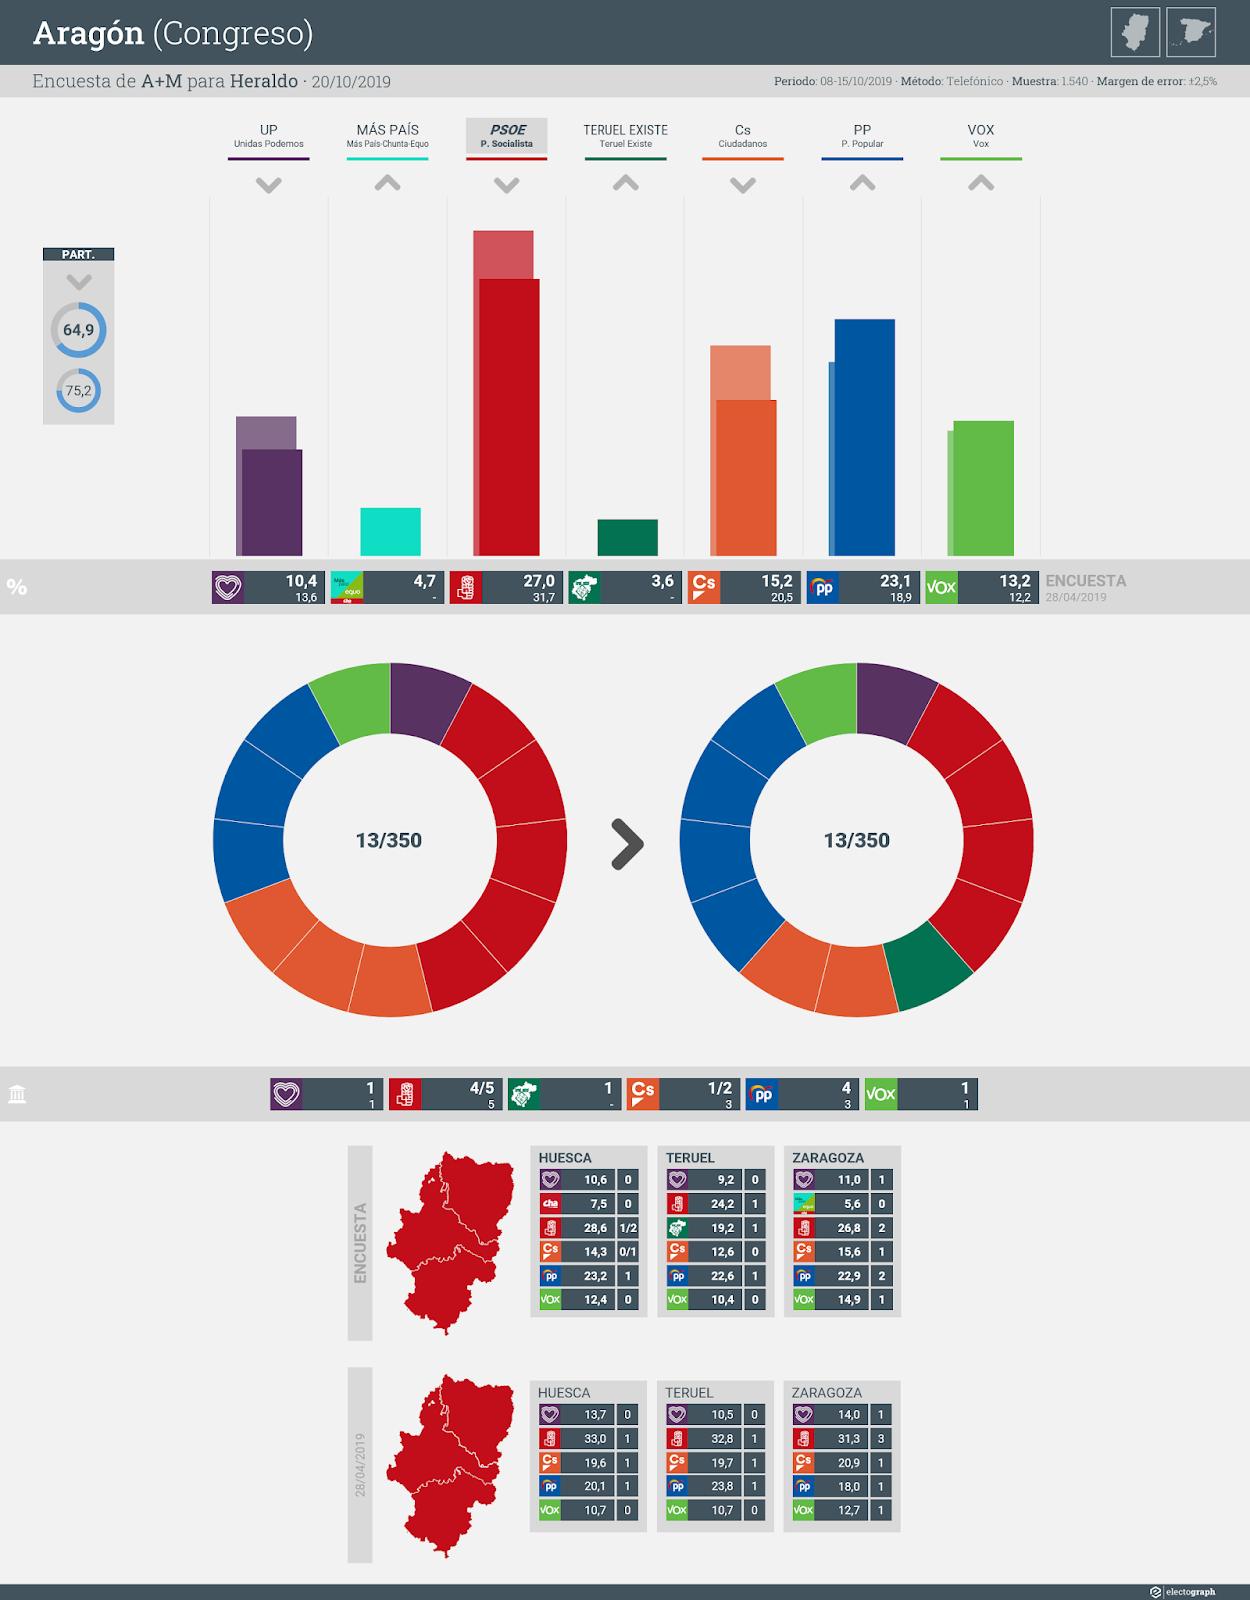 Gráfico de la encuesta para elecciones generales en Aragón realizada por A+M para Heraldo, 20 de octubre de 2019